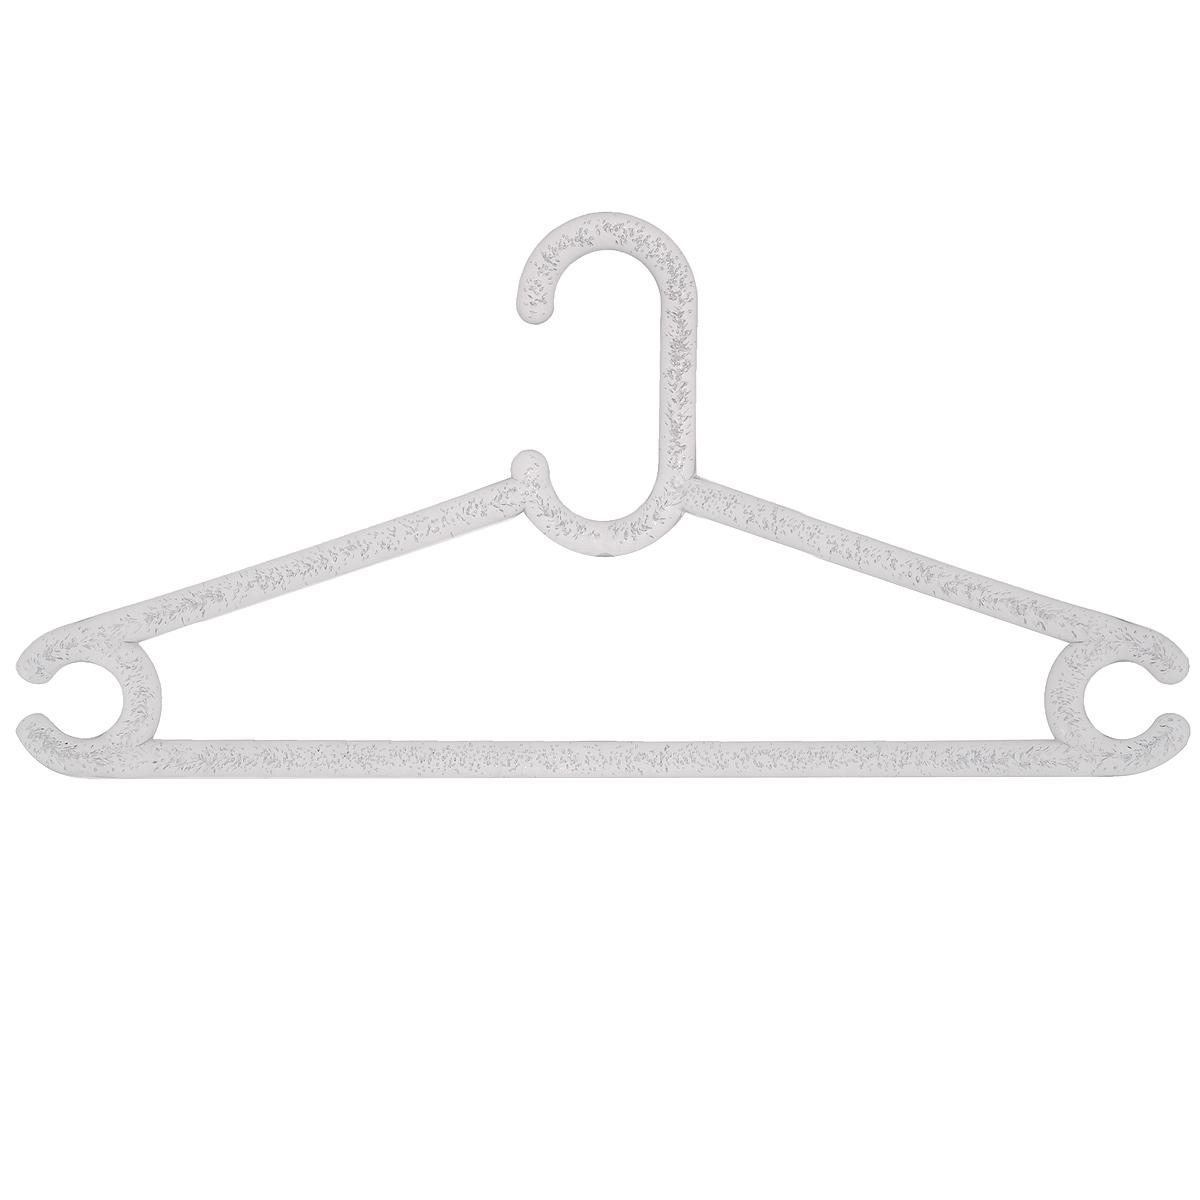 Вешалка для одежды MTM Aqua, цвет: прозрачный, размер 48-504146Вешалка для одежды MTM Aqua выполнена из полимерного материала. Изделие оснащено перекладиной и боковыми крючками. Вешалка - это незаменимая вещь для того, чтобы ваша одежда всегда оставалась в хорошем состоянии. Размер одежды: 48-50.